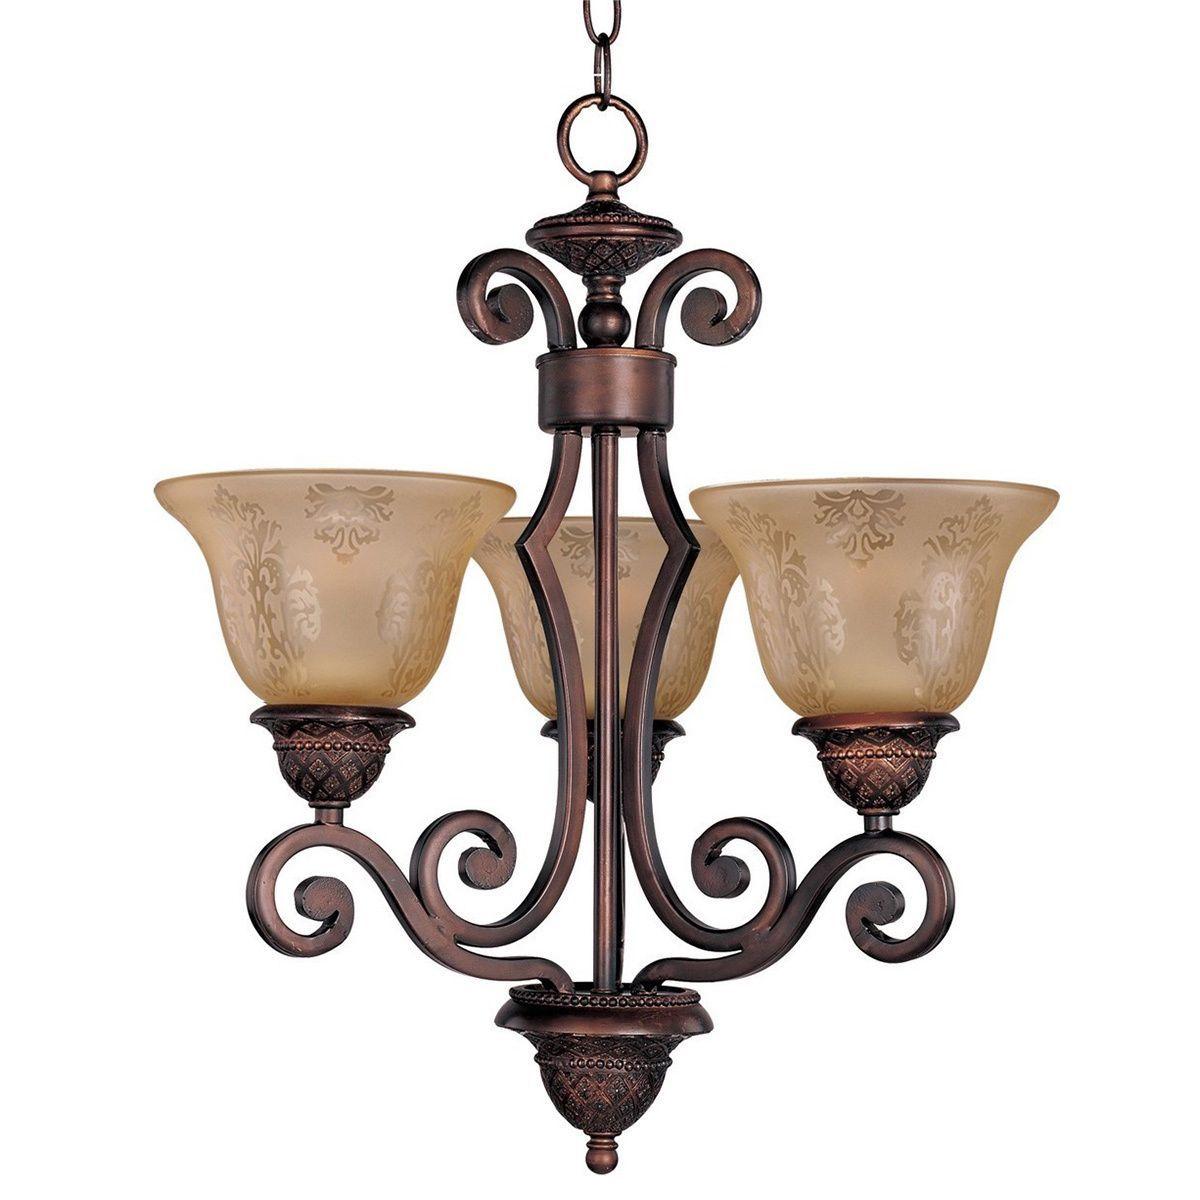 Maxim Lighting Elegant 6 Light Oil Rubbed Bronze Chandelier